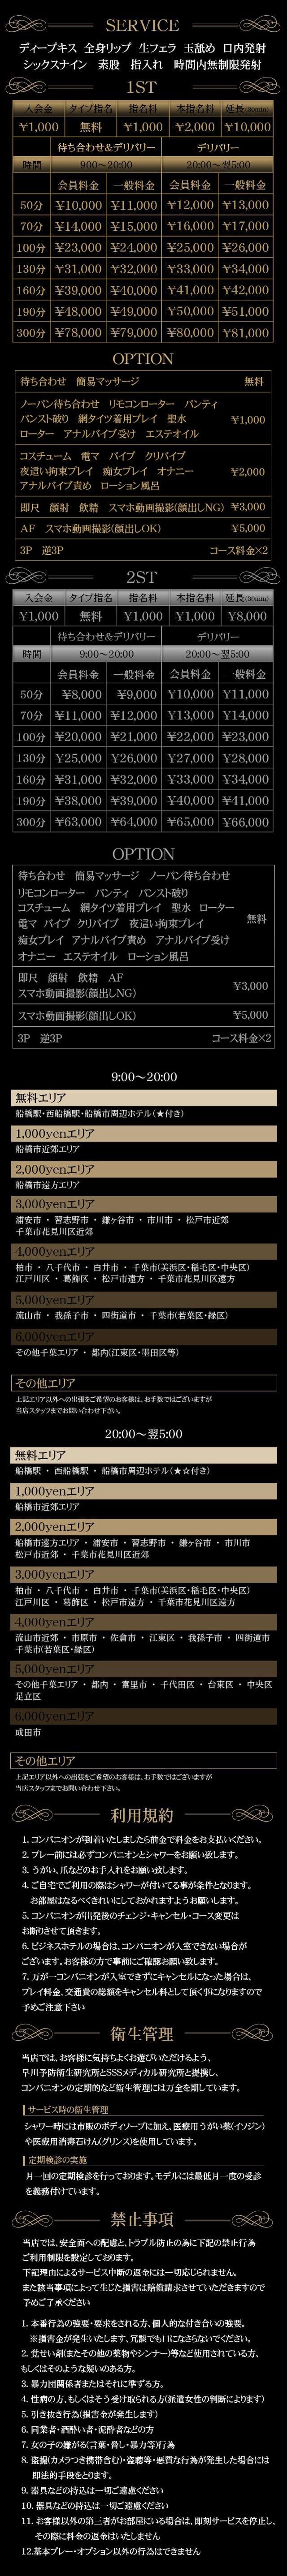 【秘密倶楽部 凛 船橋本店】の料金システム